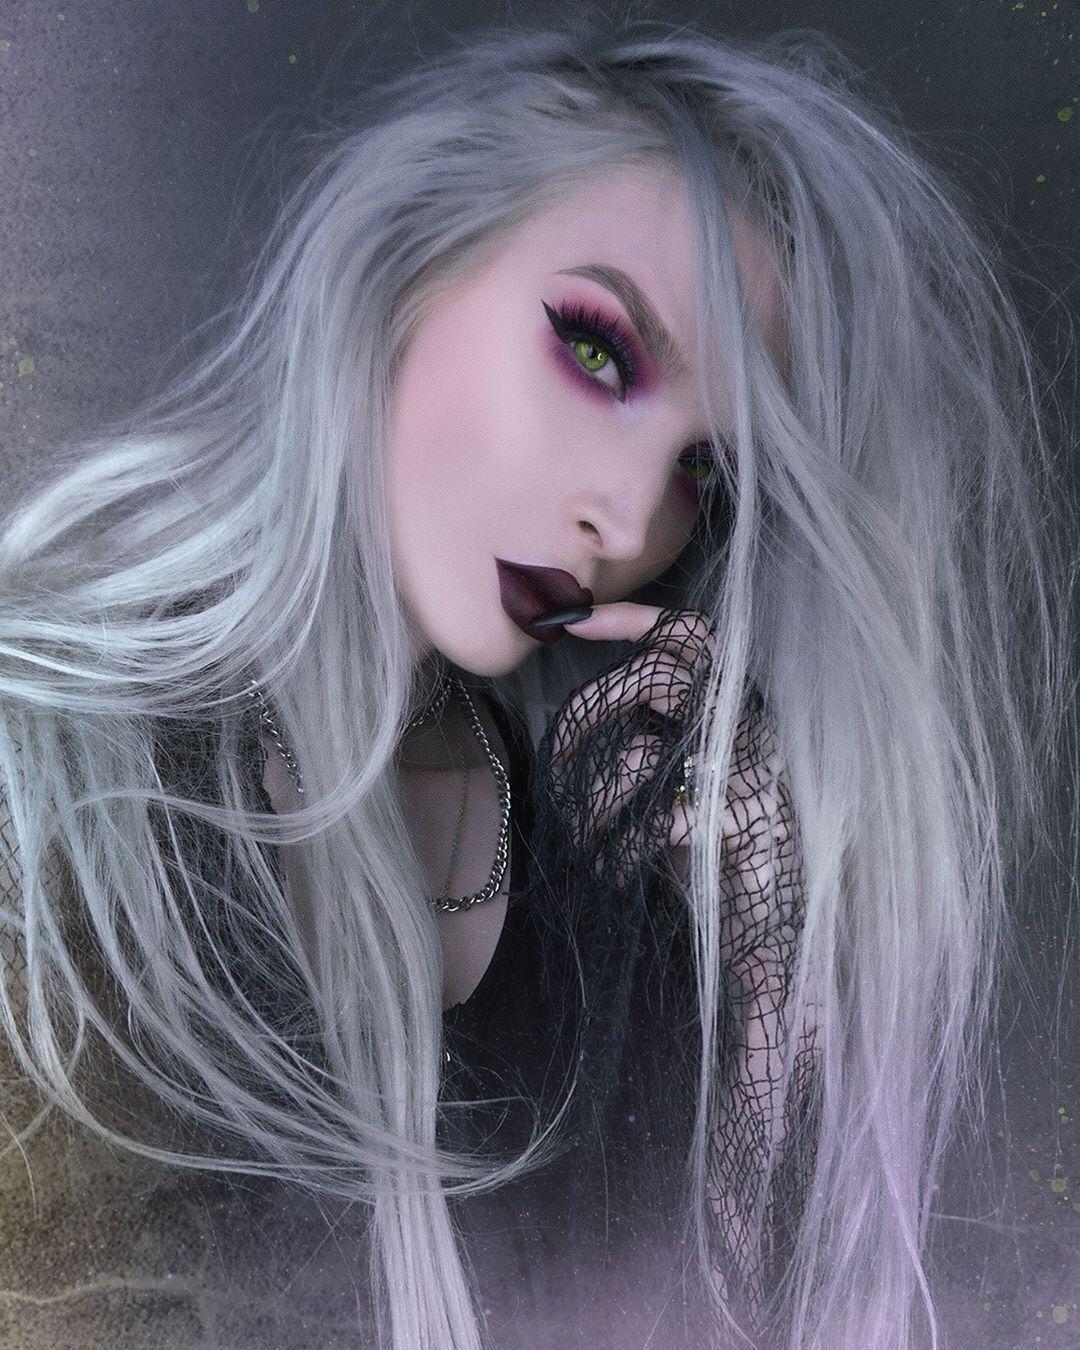 """𝔍𝔞𝔡𝔢 𝔱𝔥𝔢 𝔩𝔦𝔟𝔯𝔞 on Instagram """"Vampy vibes 🧛🏻♀️🥀 P.S"""